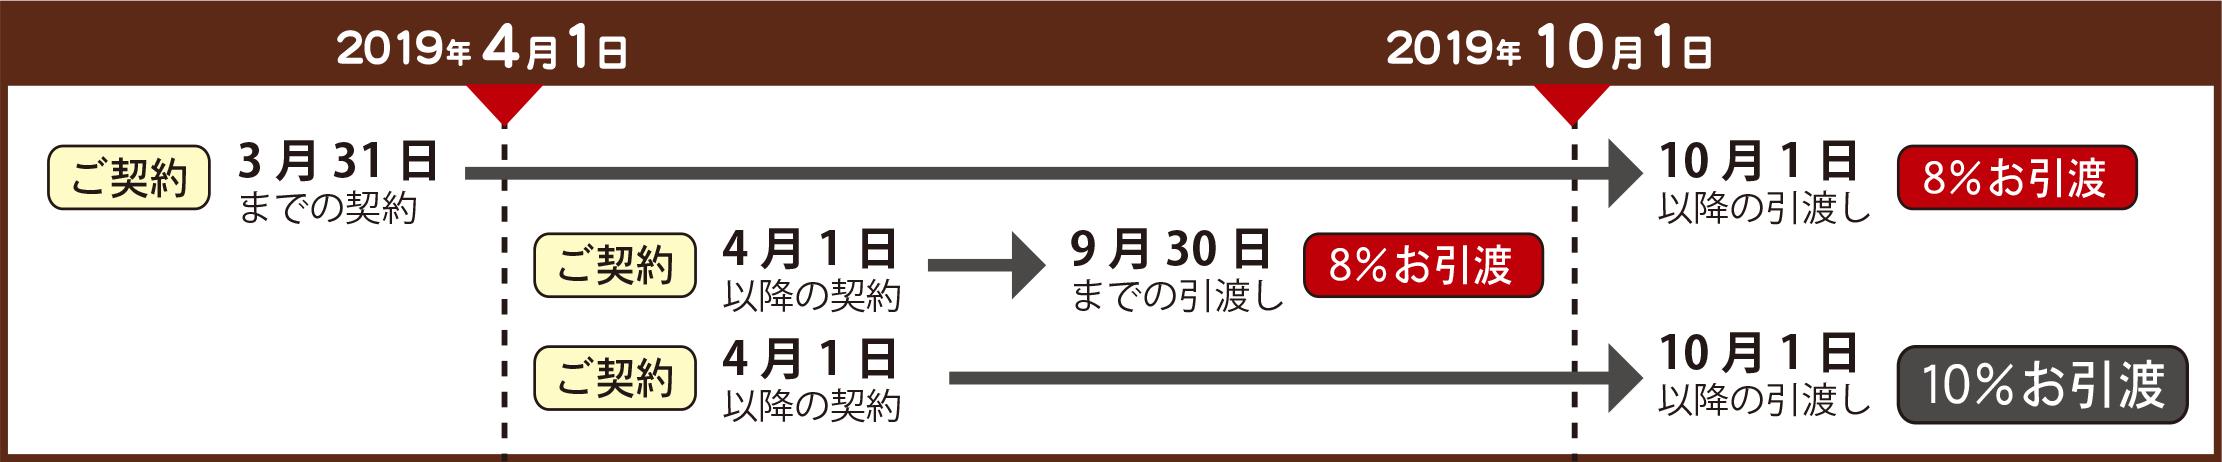 0123スケジュール